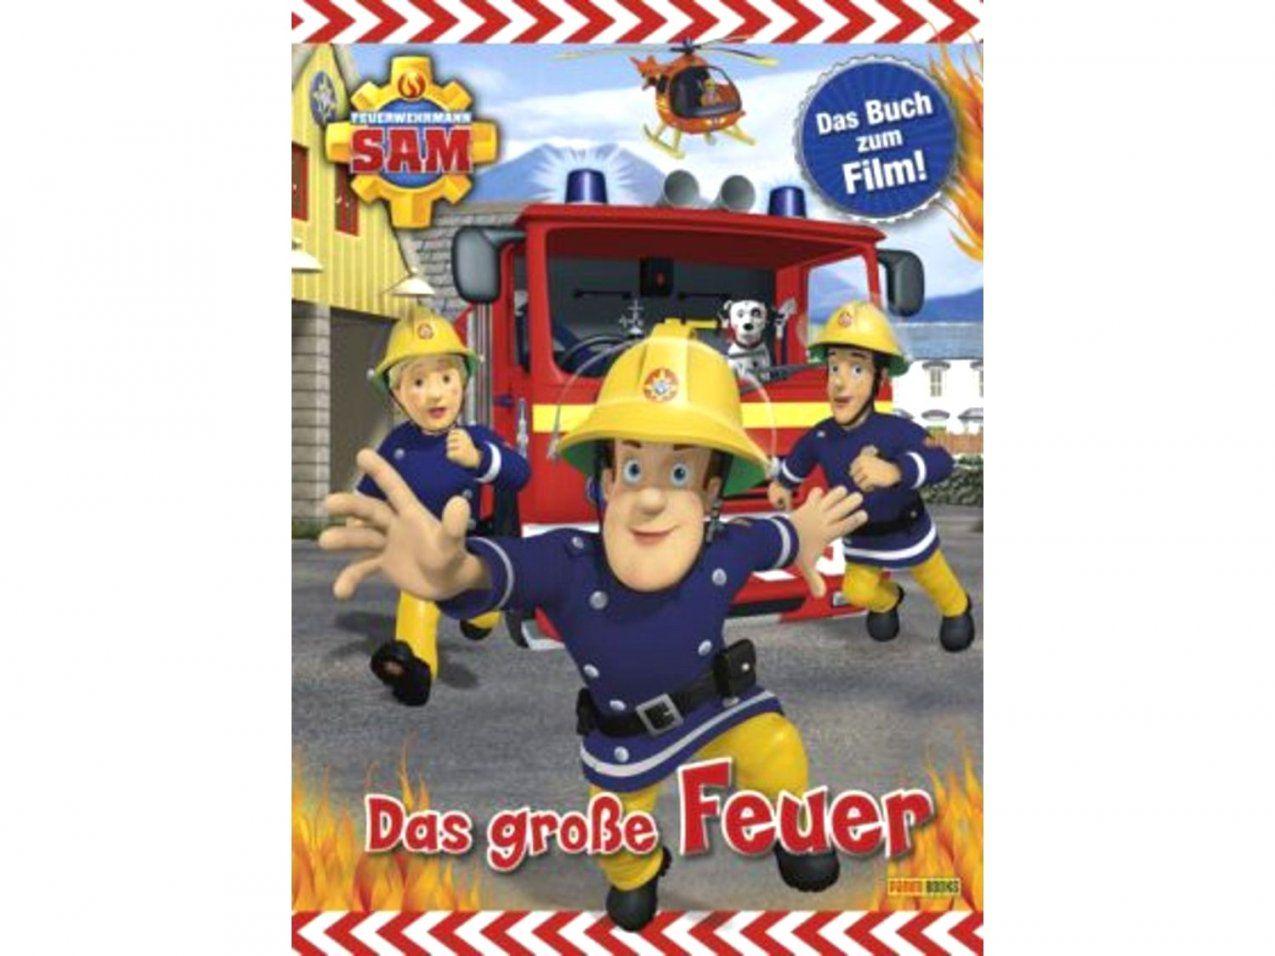 Erstaunliche Ideen Feuerwehrmann Sam Bettwäsche Lidl Und Tolle Home von Feuerwehrmann Sam Bettwäsche Lidl Bild